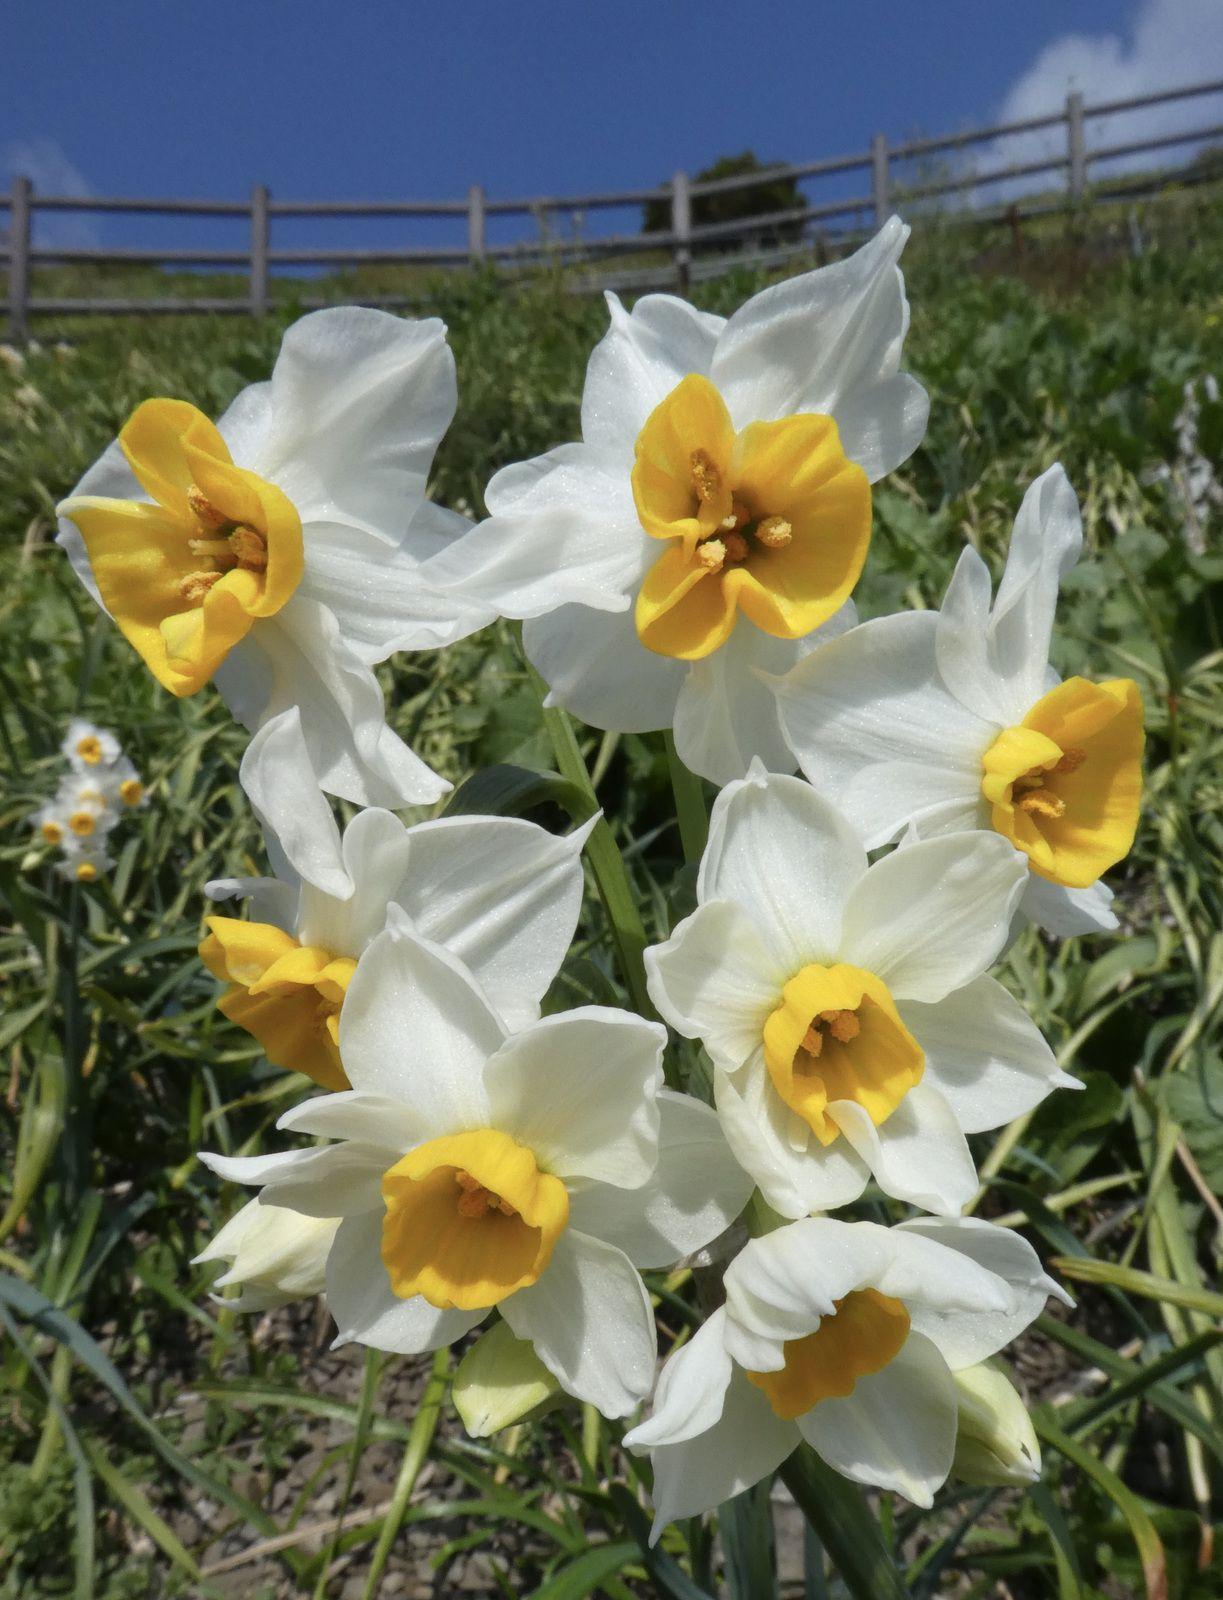 Préf. de Hyôgo: Ile d'Awaji: Narcisses et oignons